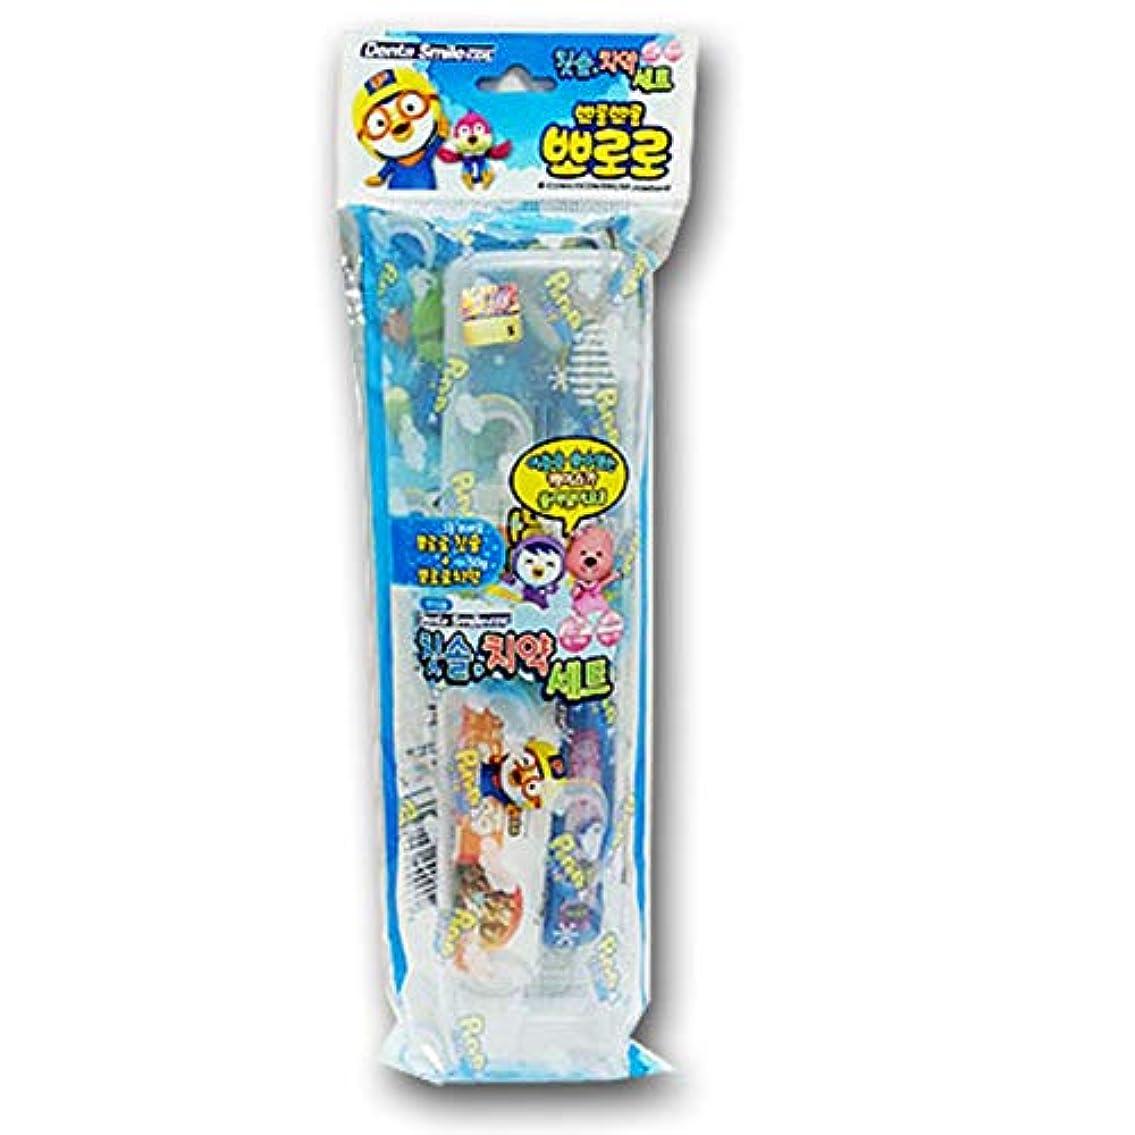 同僚グローラダPororo&Friendsポータブル歯磨き粉歯ブラシセットパイナップル香50g.